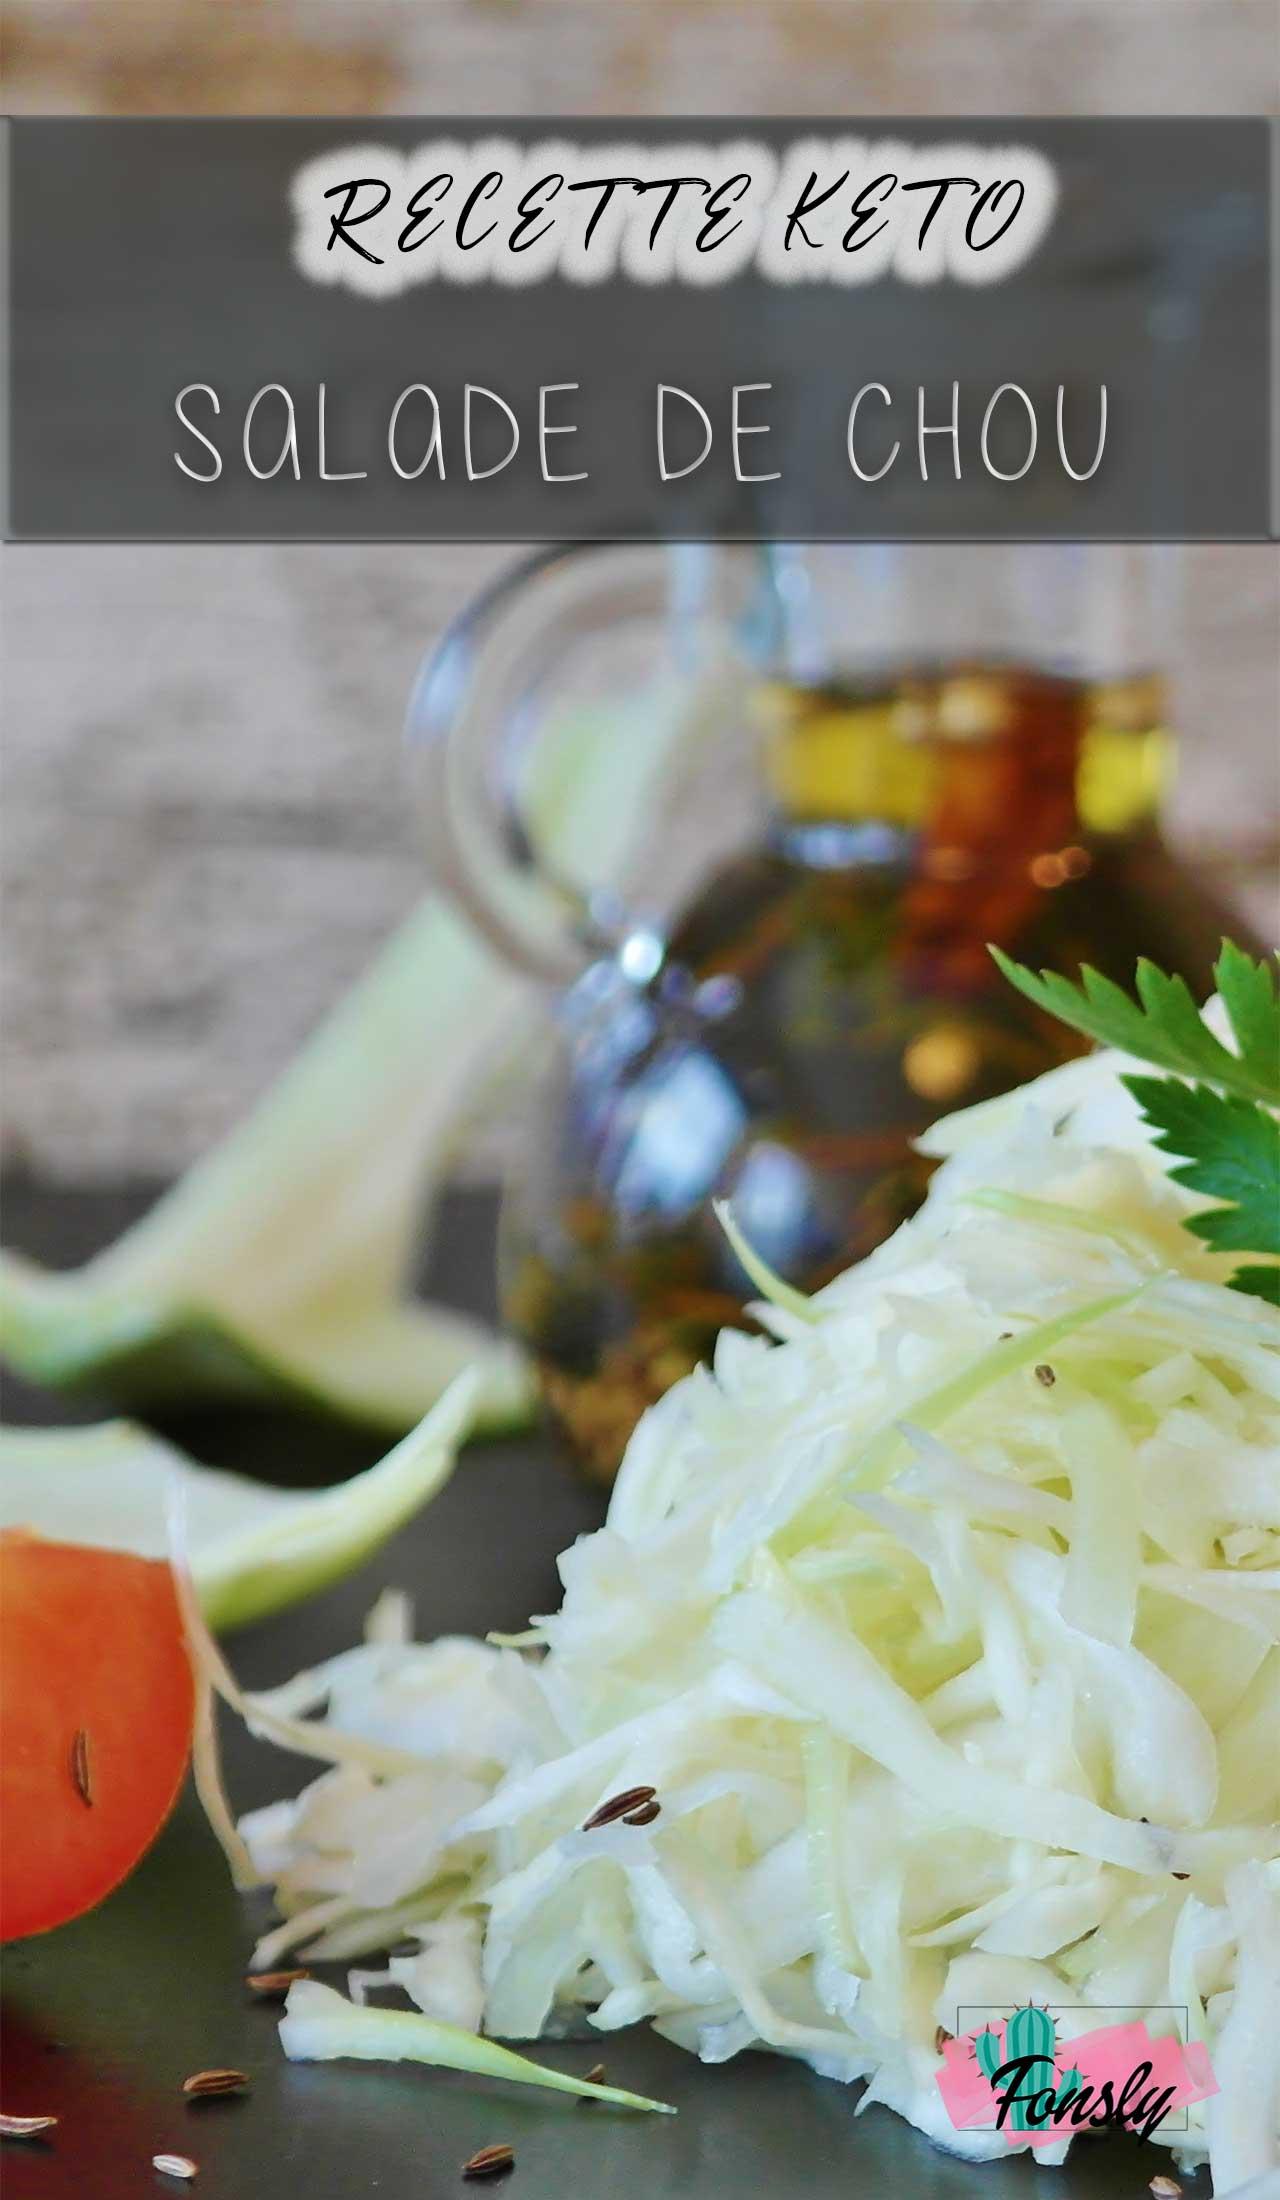 salade maison, recette de chou keto, recette sans-gluten